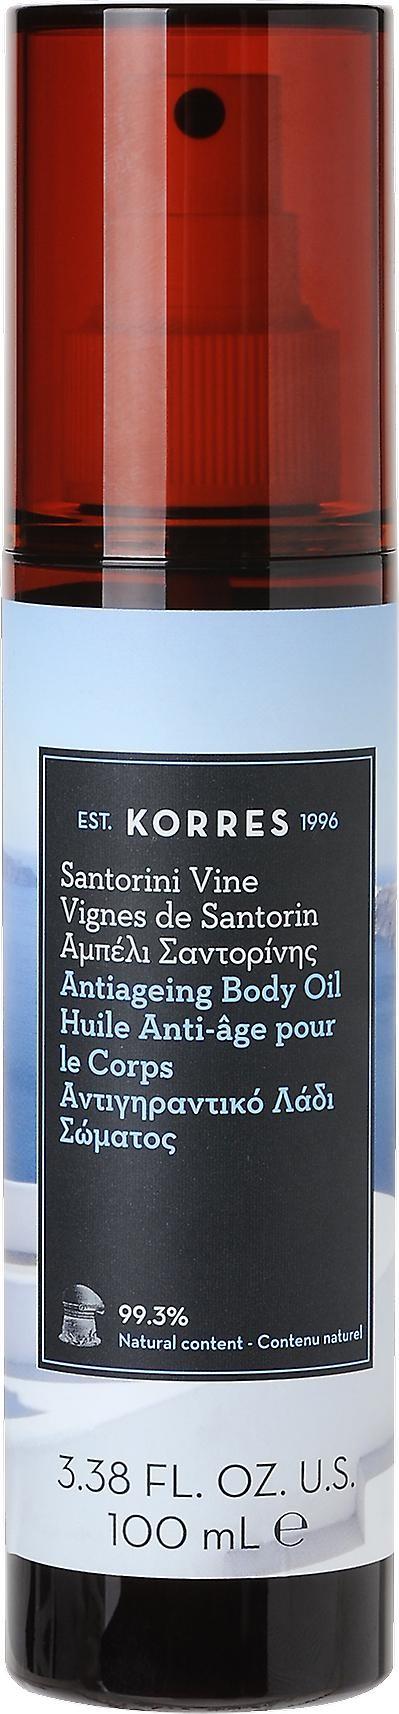 Korres Santorini Vine Dry Body Oil Suchy olejek do ciała o zapachu kwiatu winorośli 100ml